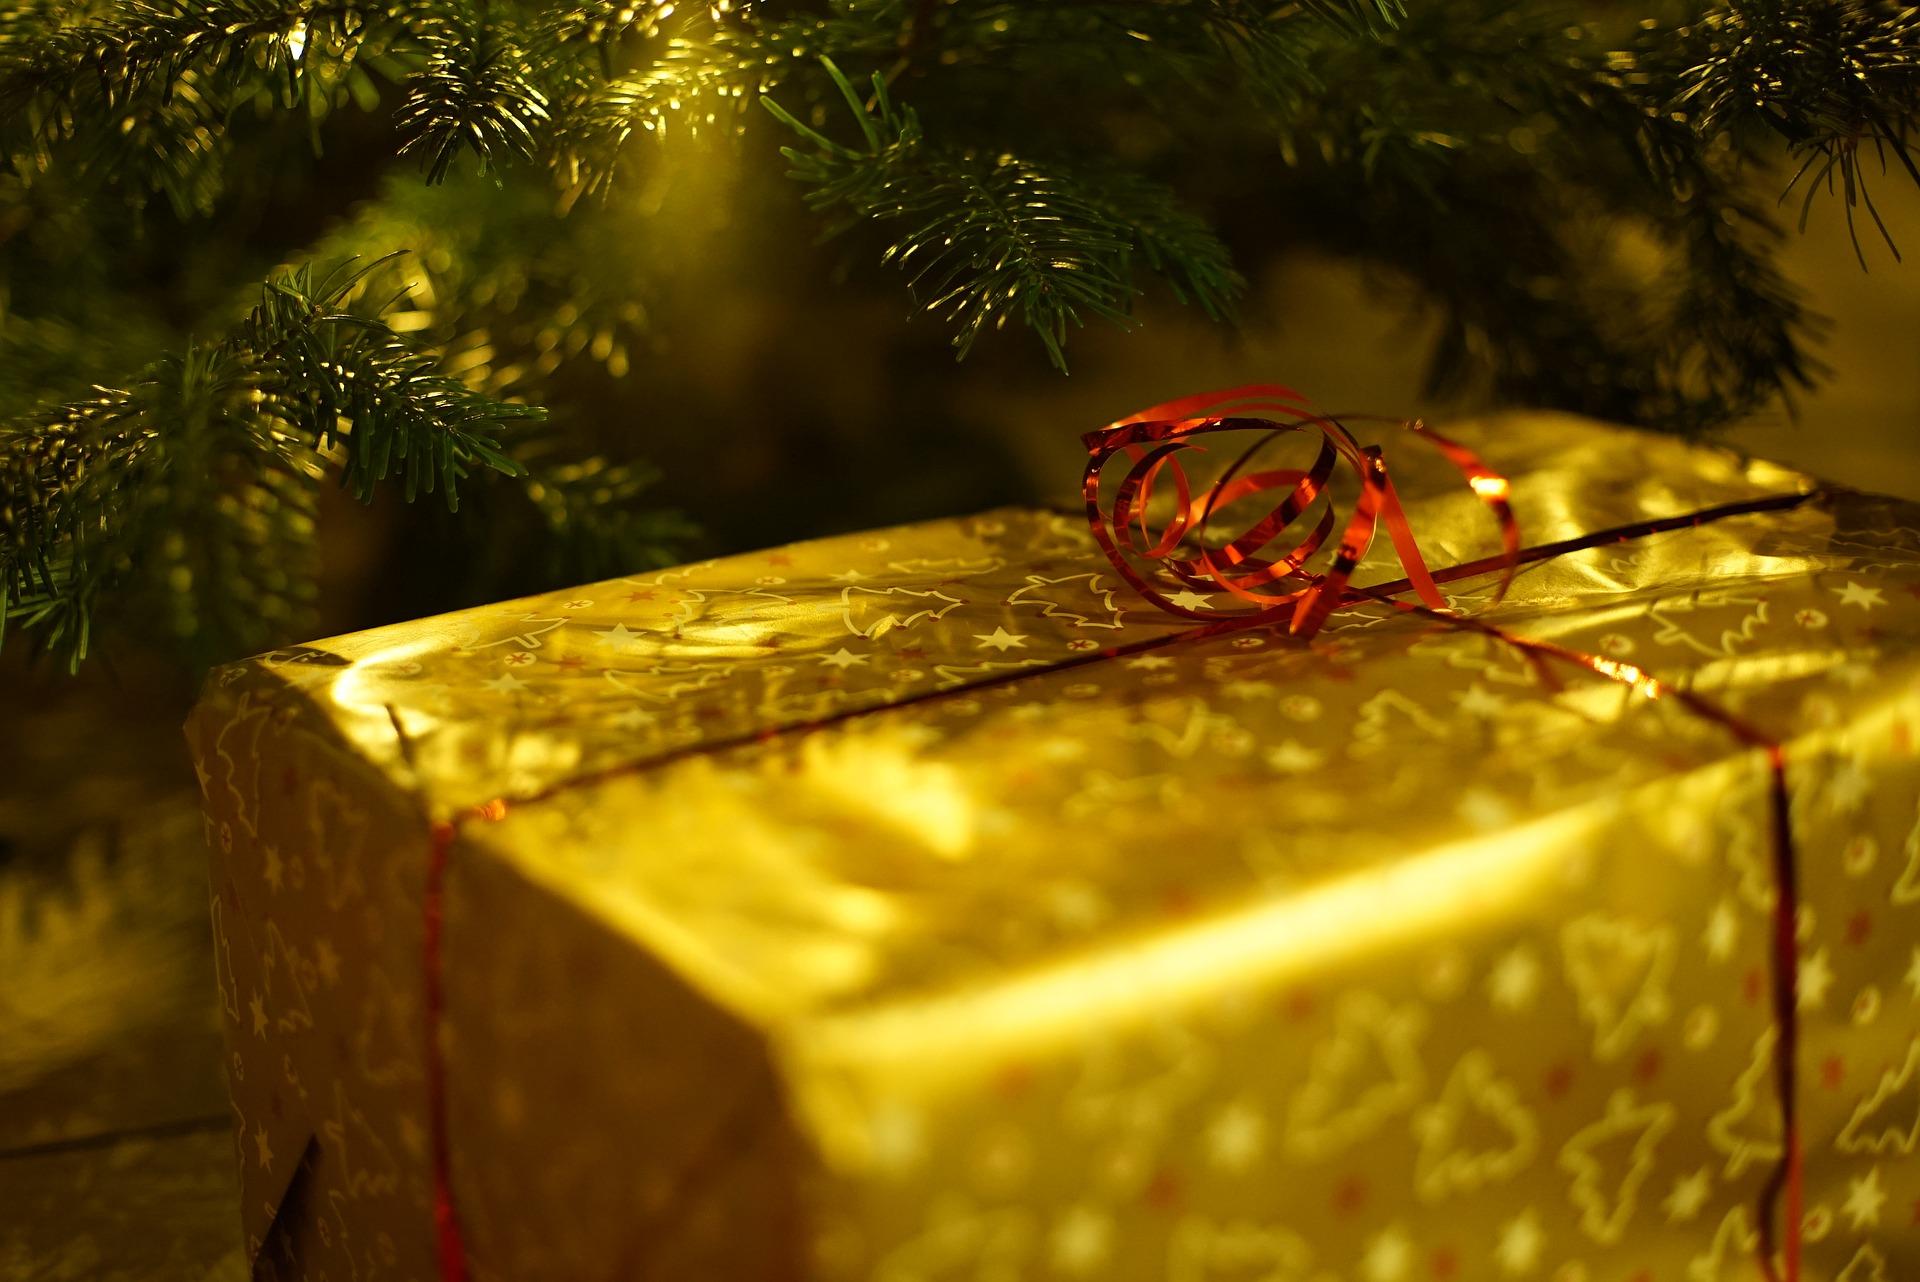 les meilleurs cadeaux originaux